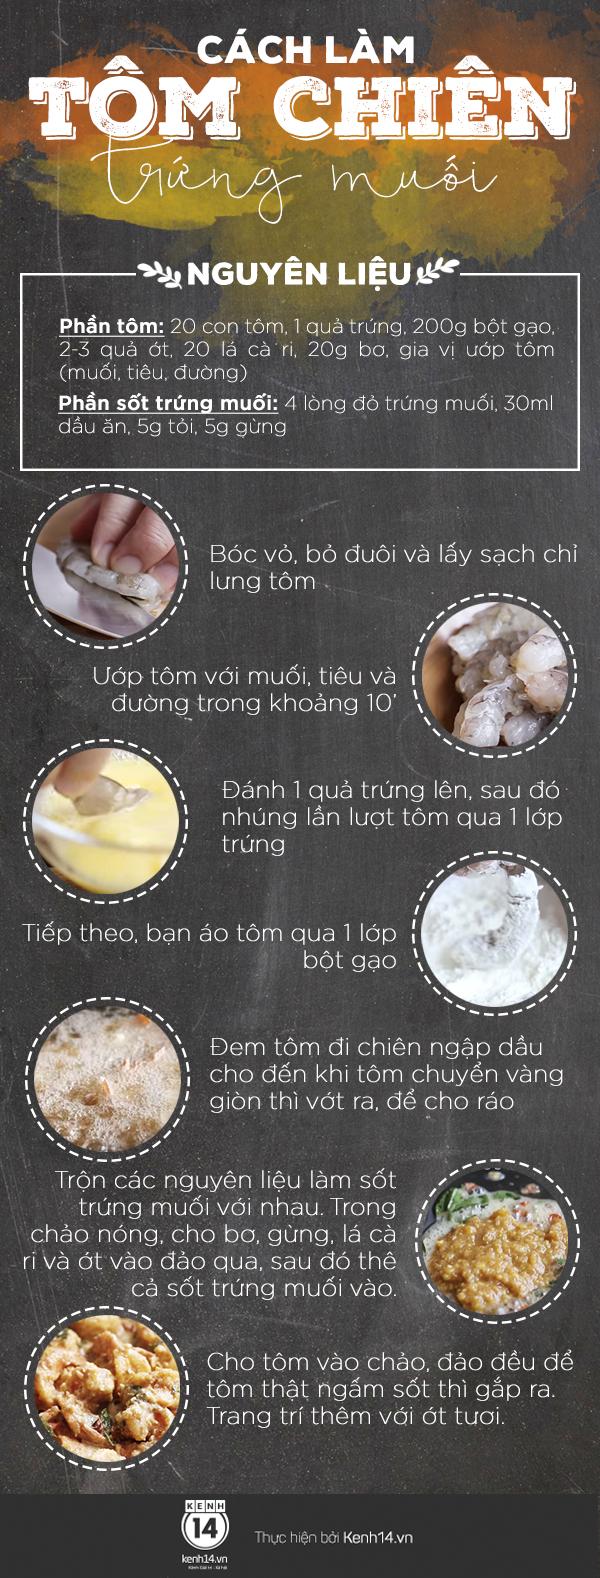 Ăn tôm chiên trứng muối mằn mặn đưa cơm quá ngon - Ảnh 2.